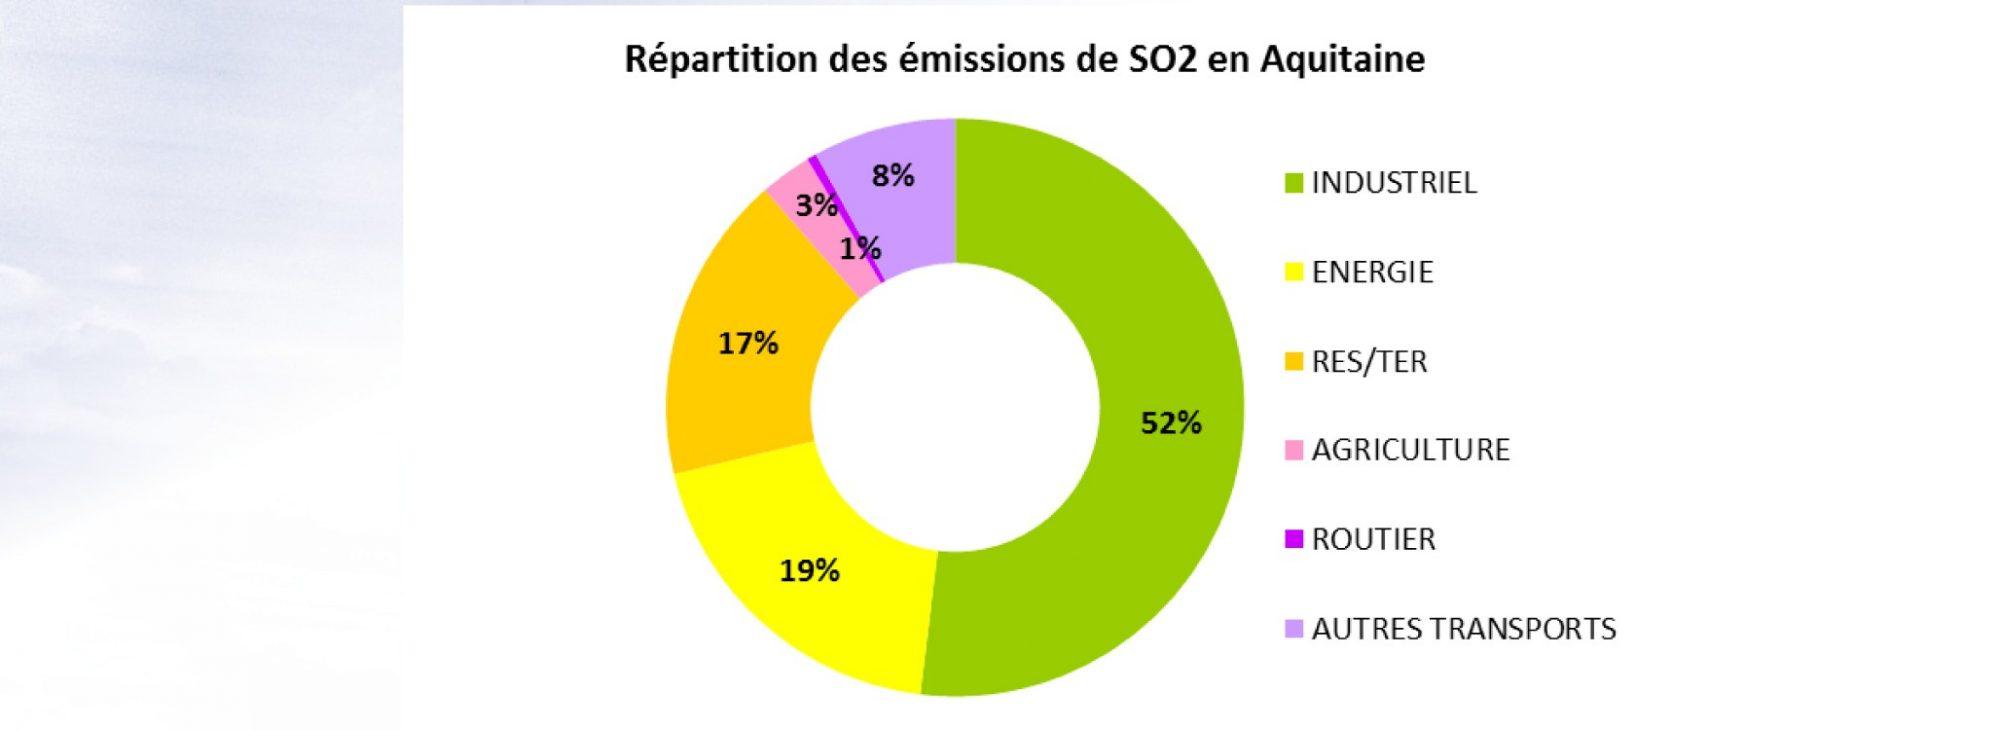 Emission de dioxyde de soufre en Aquitaine 2012